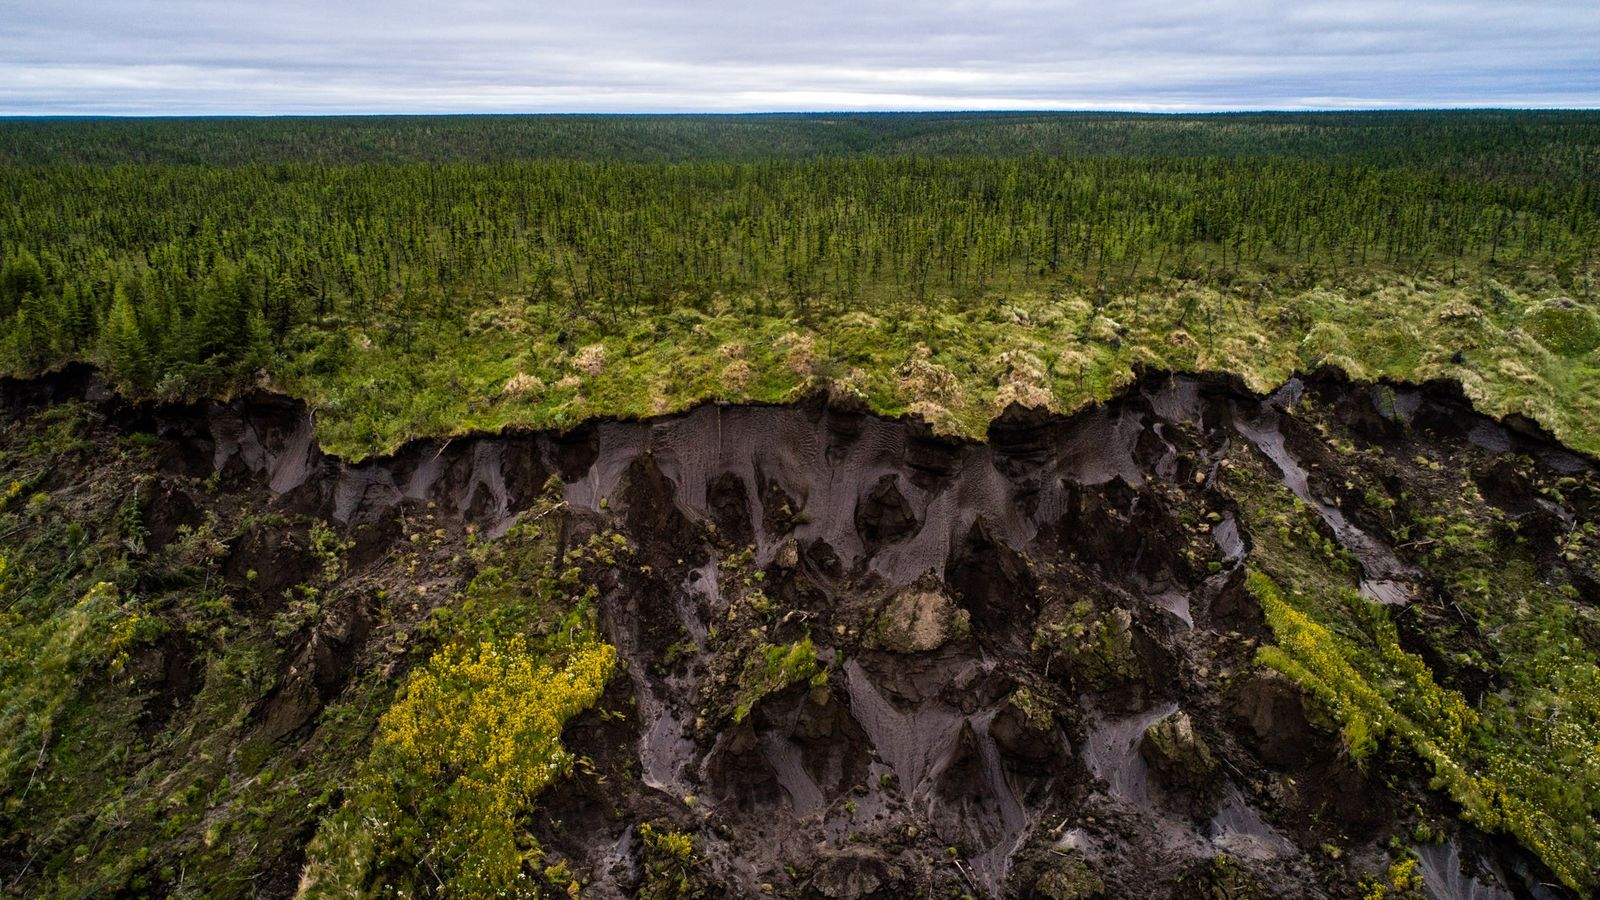 O chão afunda em Duvanny Yar, um megadesmoronamento de permafrost ao longo do rio Kolyma no ...